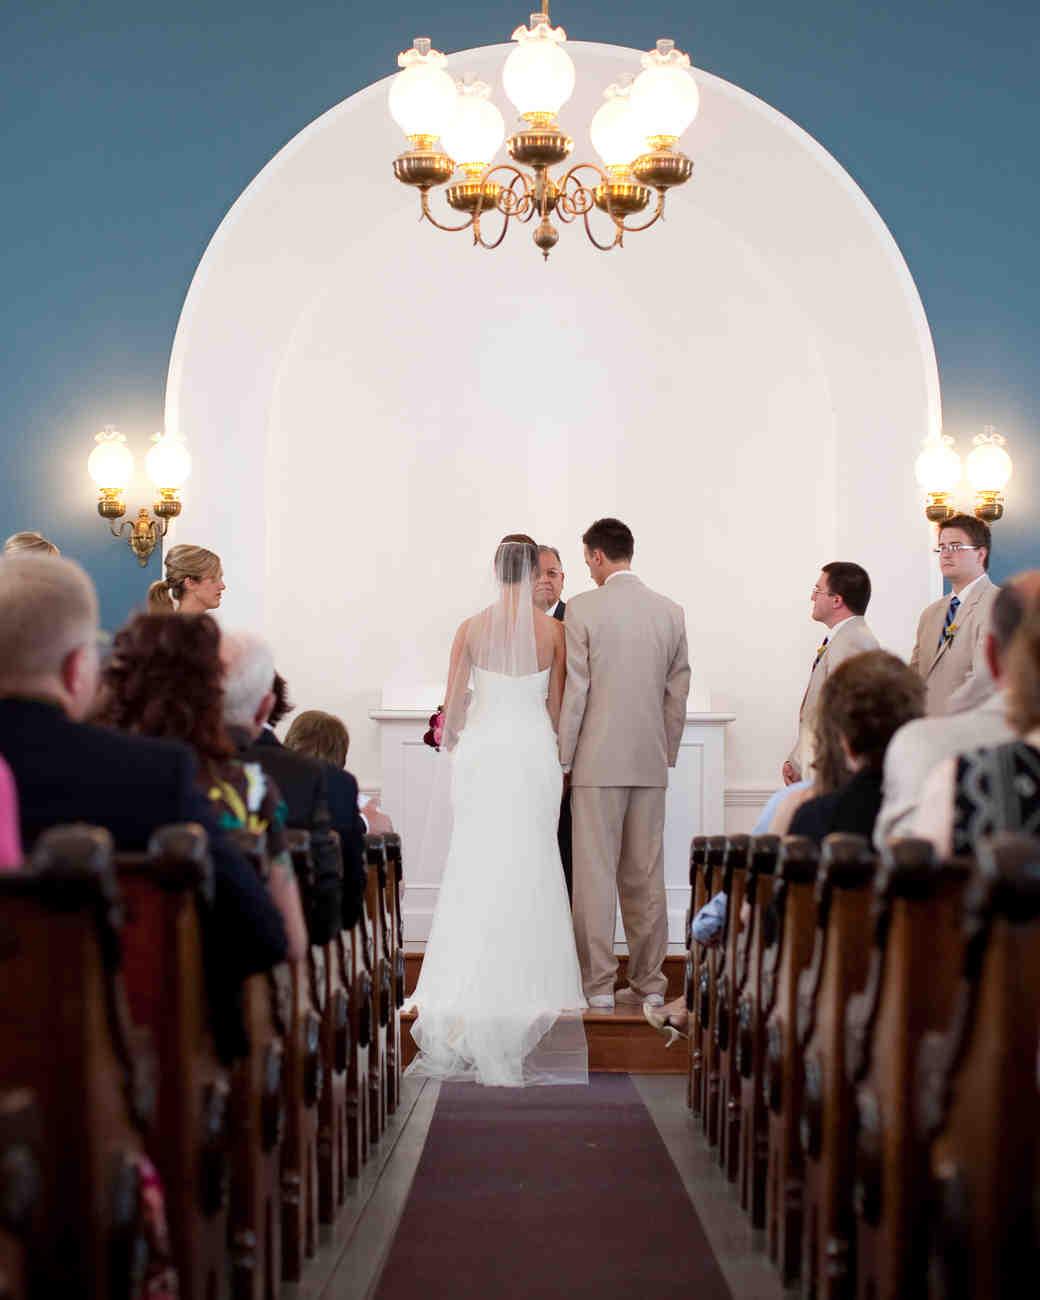 movie-inspired-weddings-pride-prejudice-0215.jpg